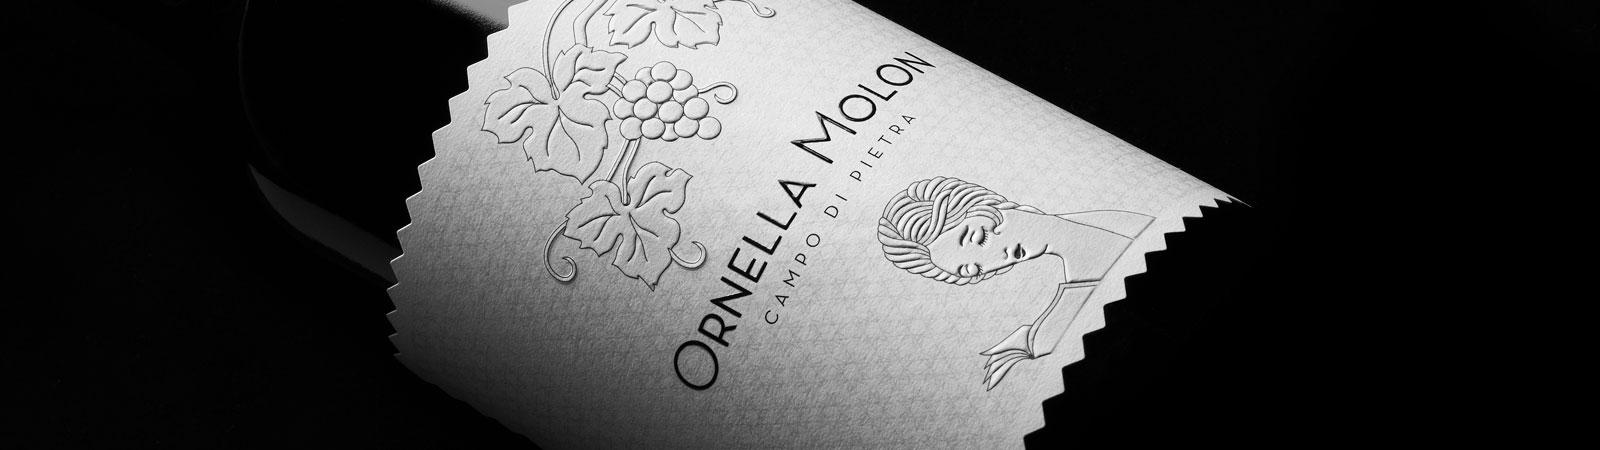 Our selections Ornella Molon